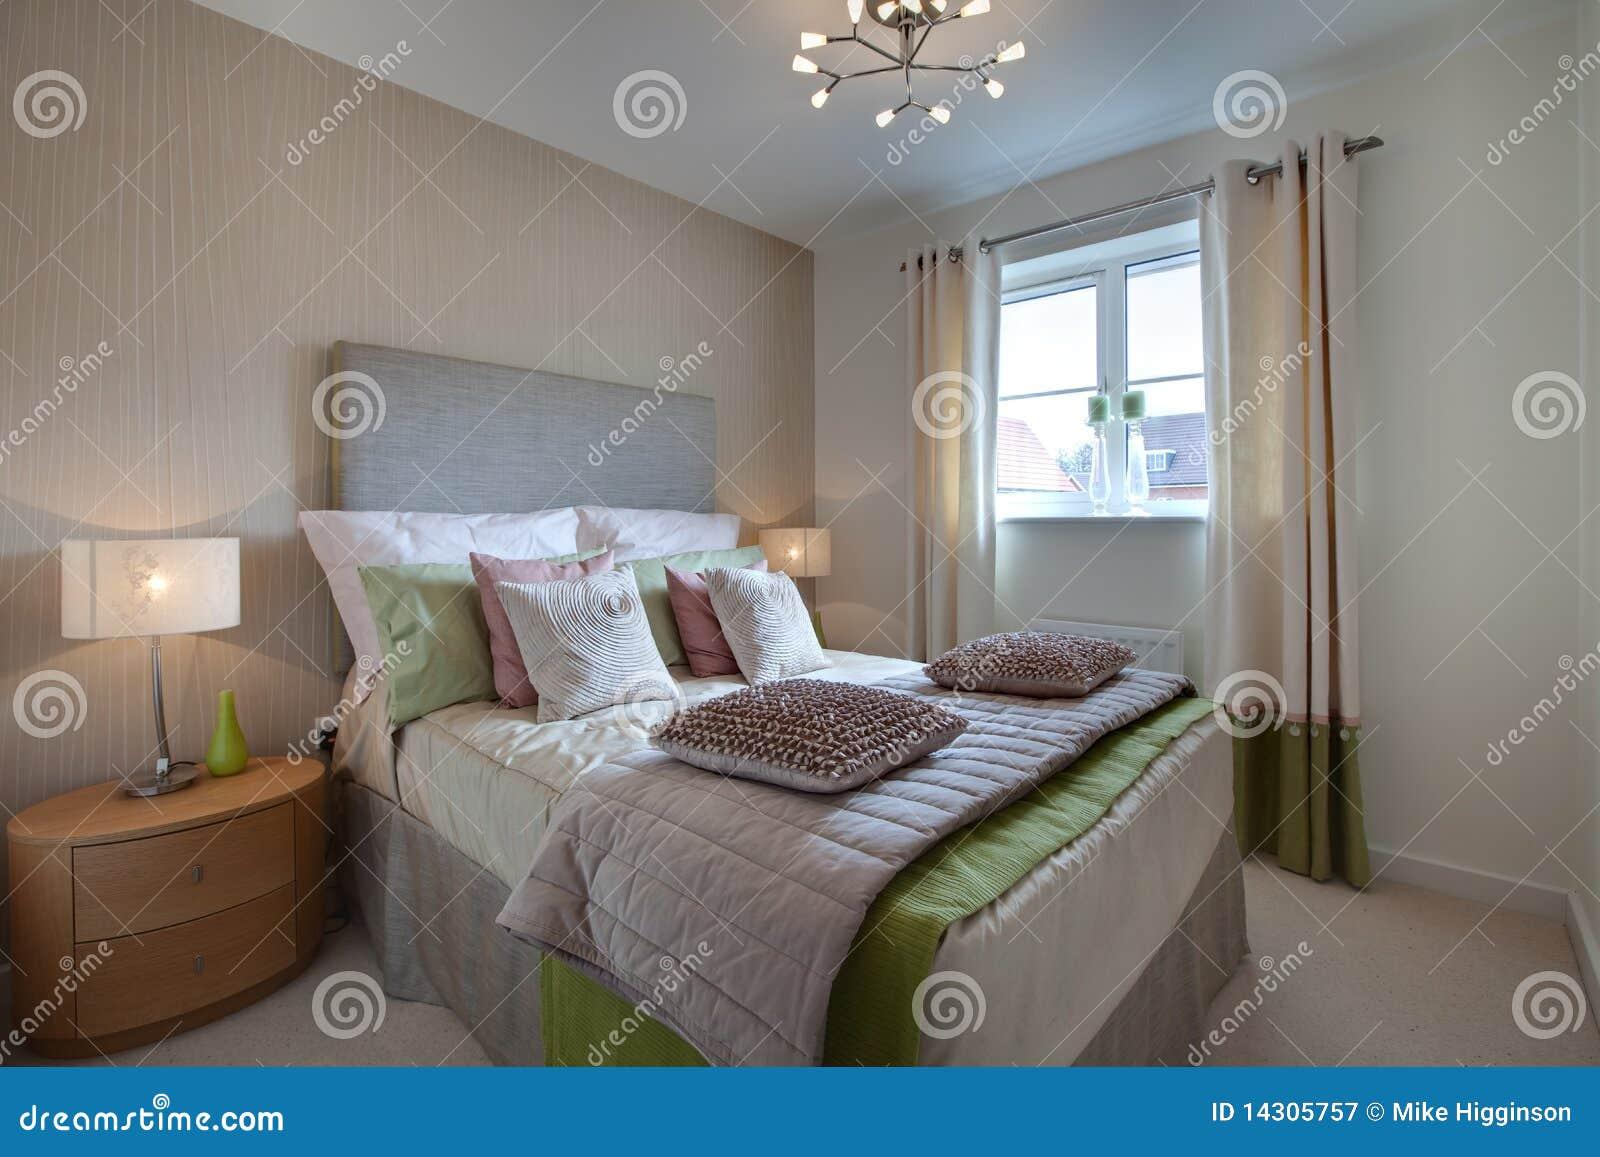 Camera da letto vestita moderna immagine stock immagine for Camera da letto vittoriana buia